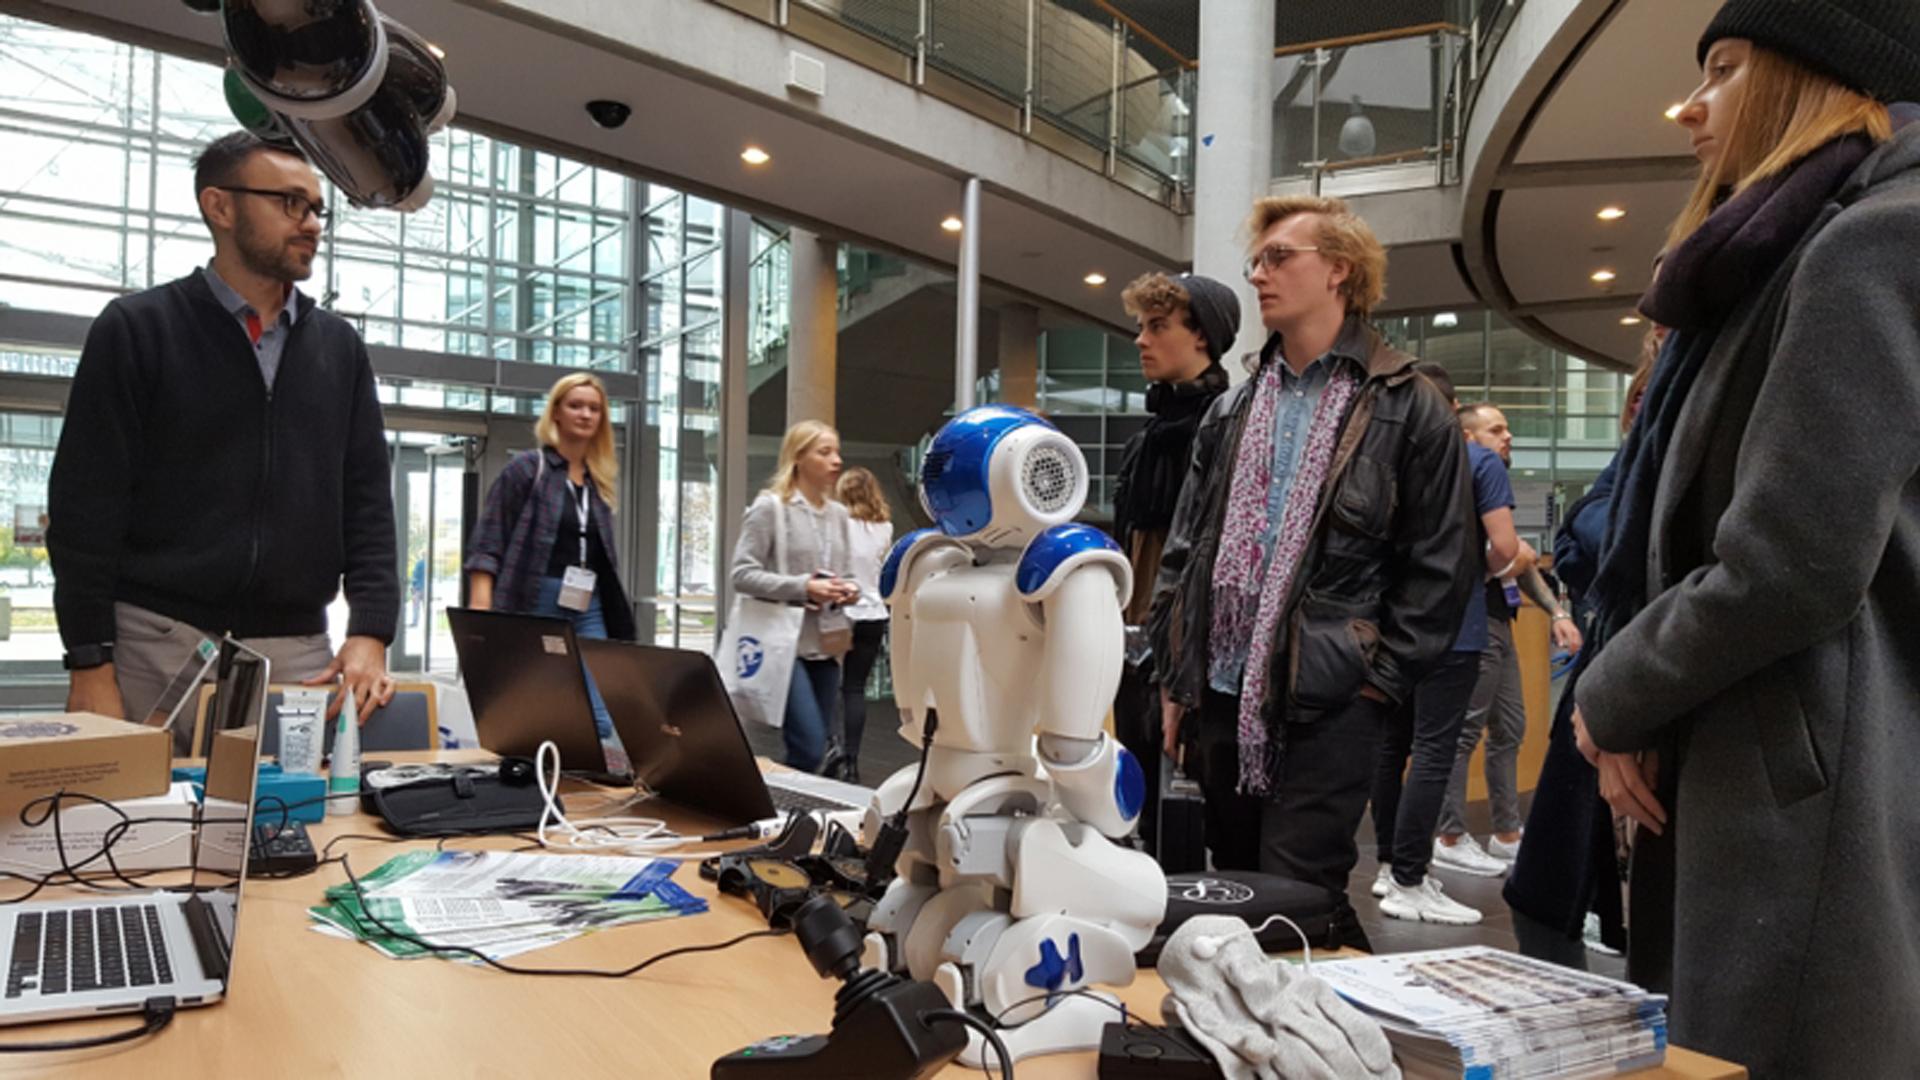 Fotorelacja: Stoisko PCSS na Konferencji Inżynierii Biomedycznej